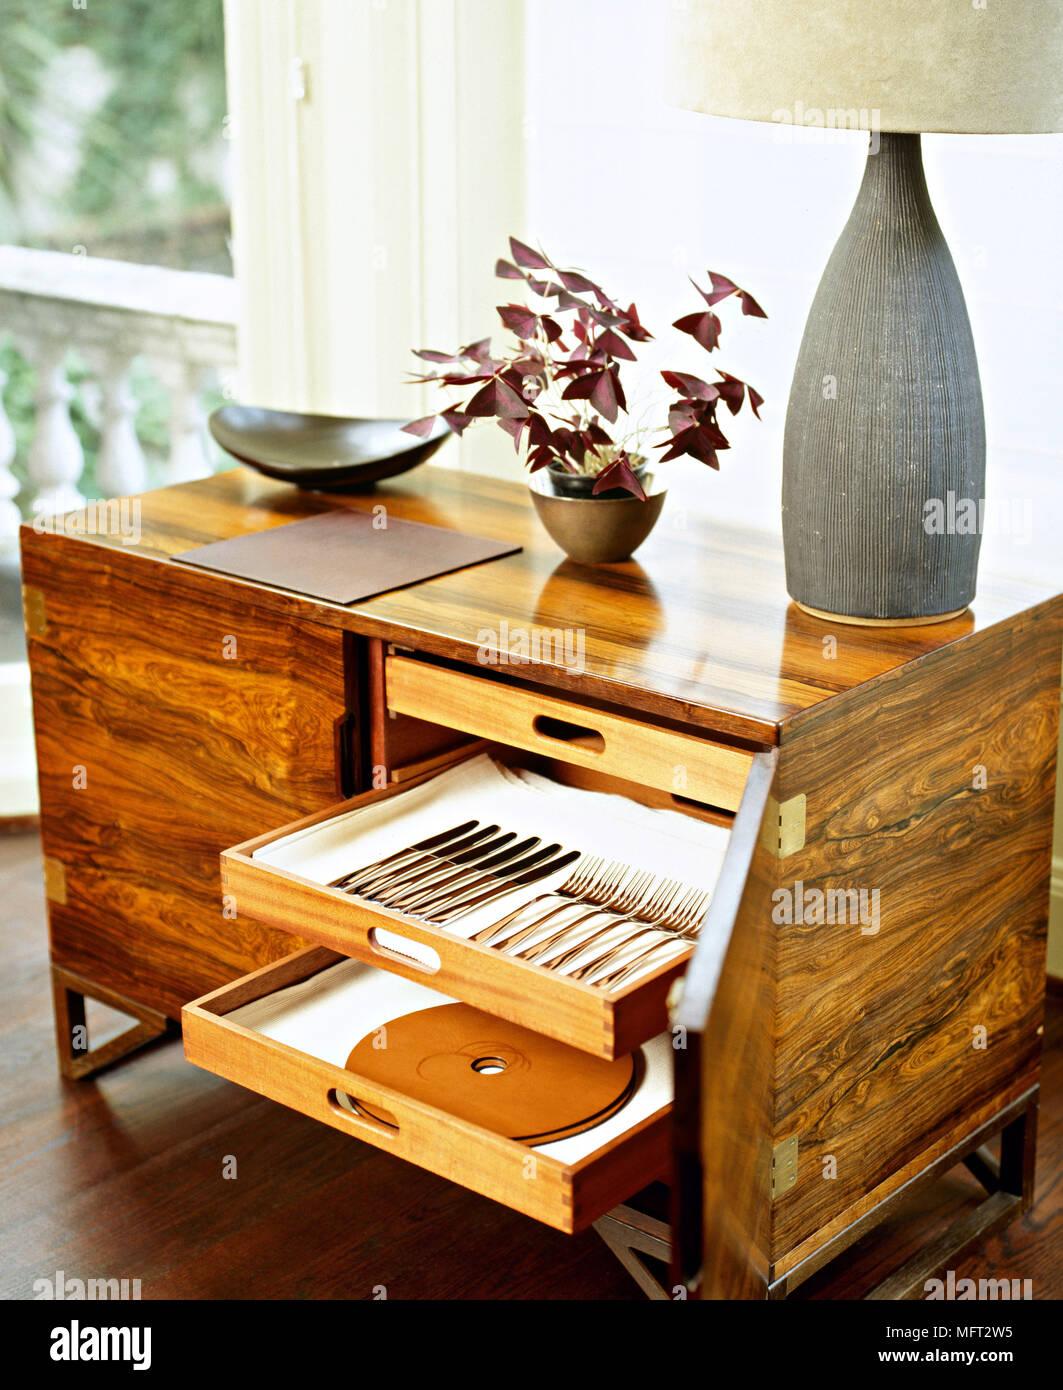 Holz Mit Offenen Schubladen Aufbewahrung Besteck Stockfotografie Alamy